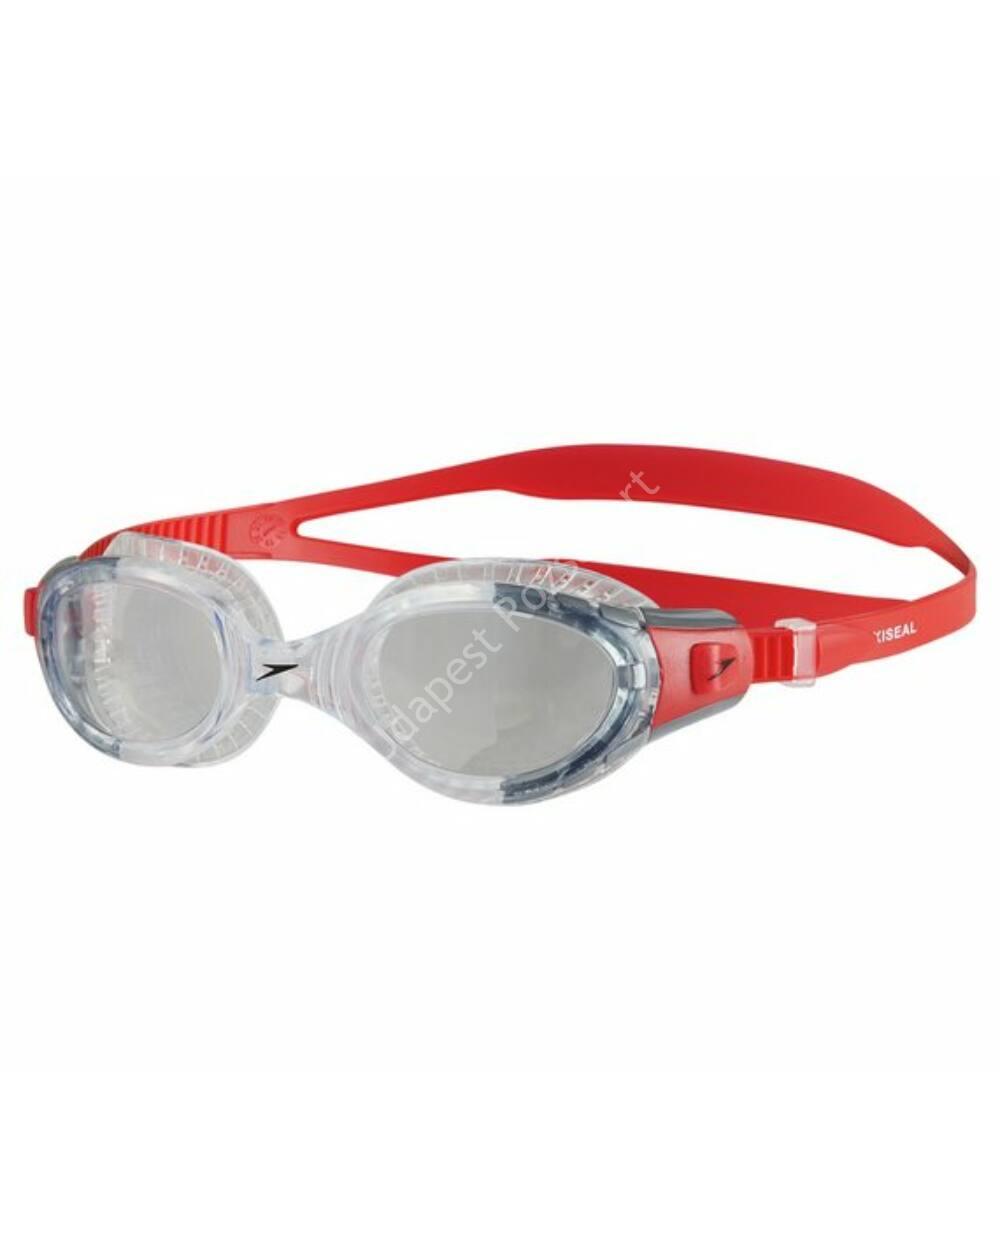 Speedo futura biofuse flexiseal úszószemüveg, átlátszó-piros